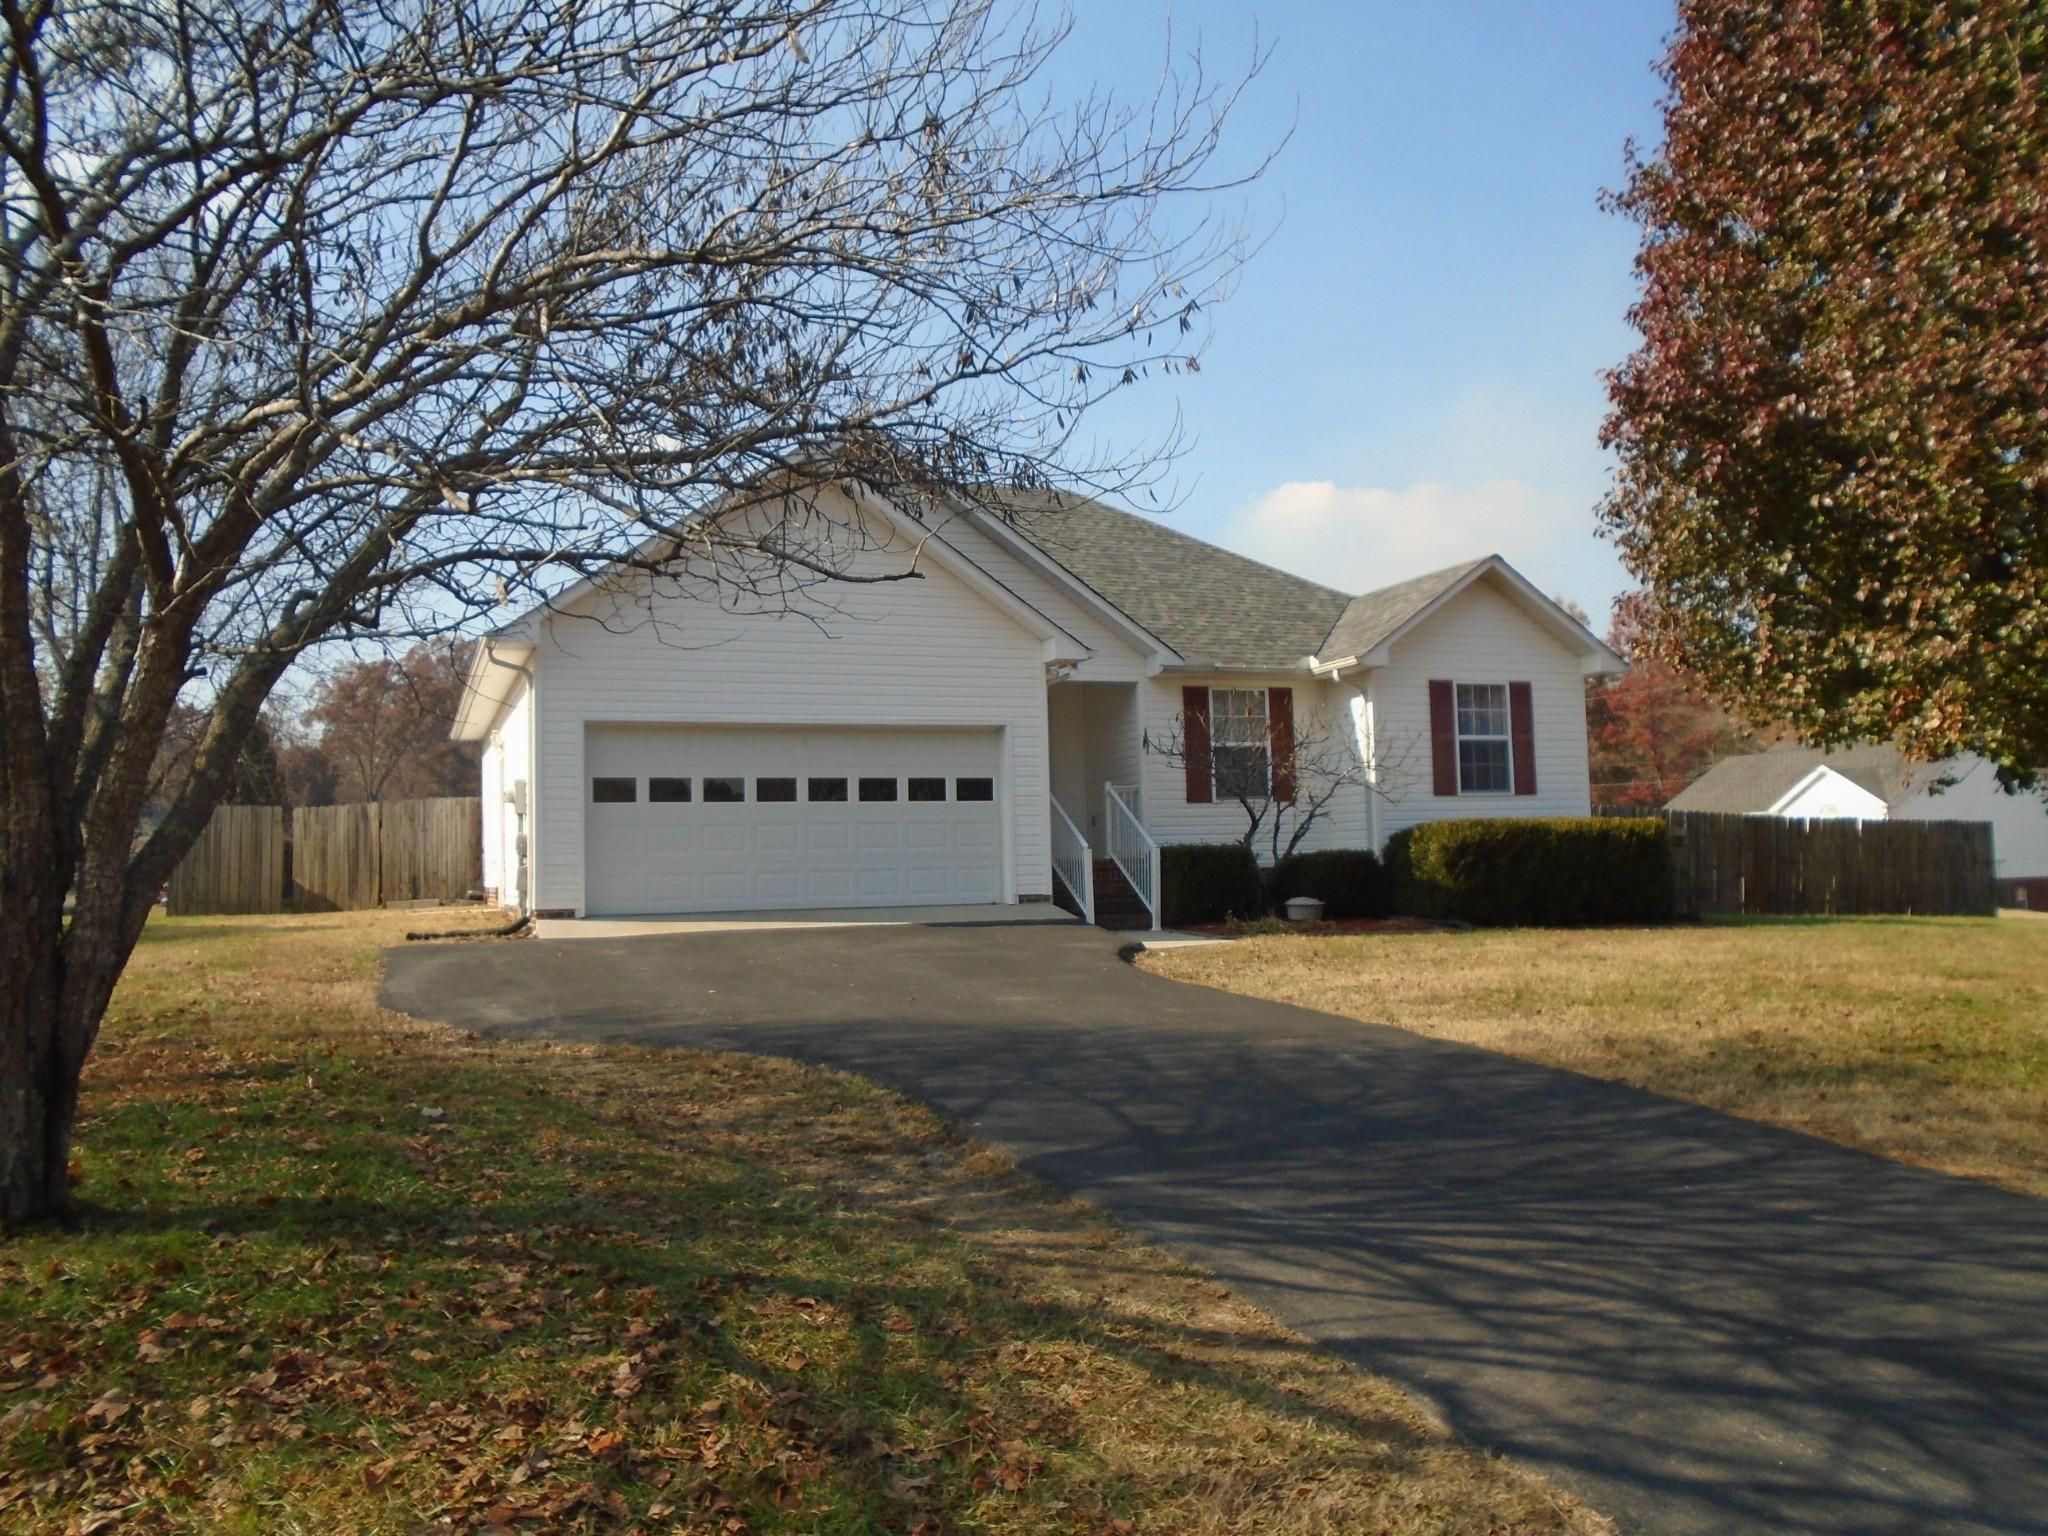 16 Larkspur Ct, Tullahoma, TN 37388 - Tullahoma, TN real estate listing